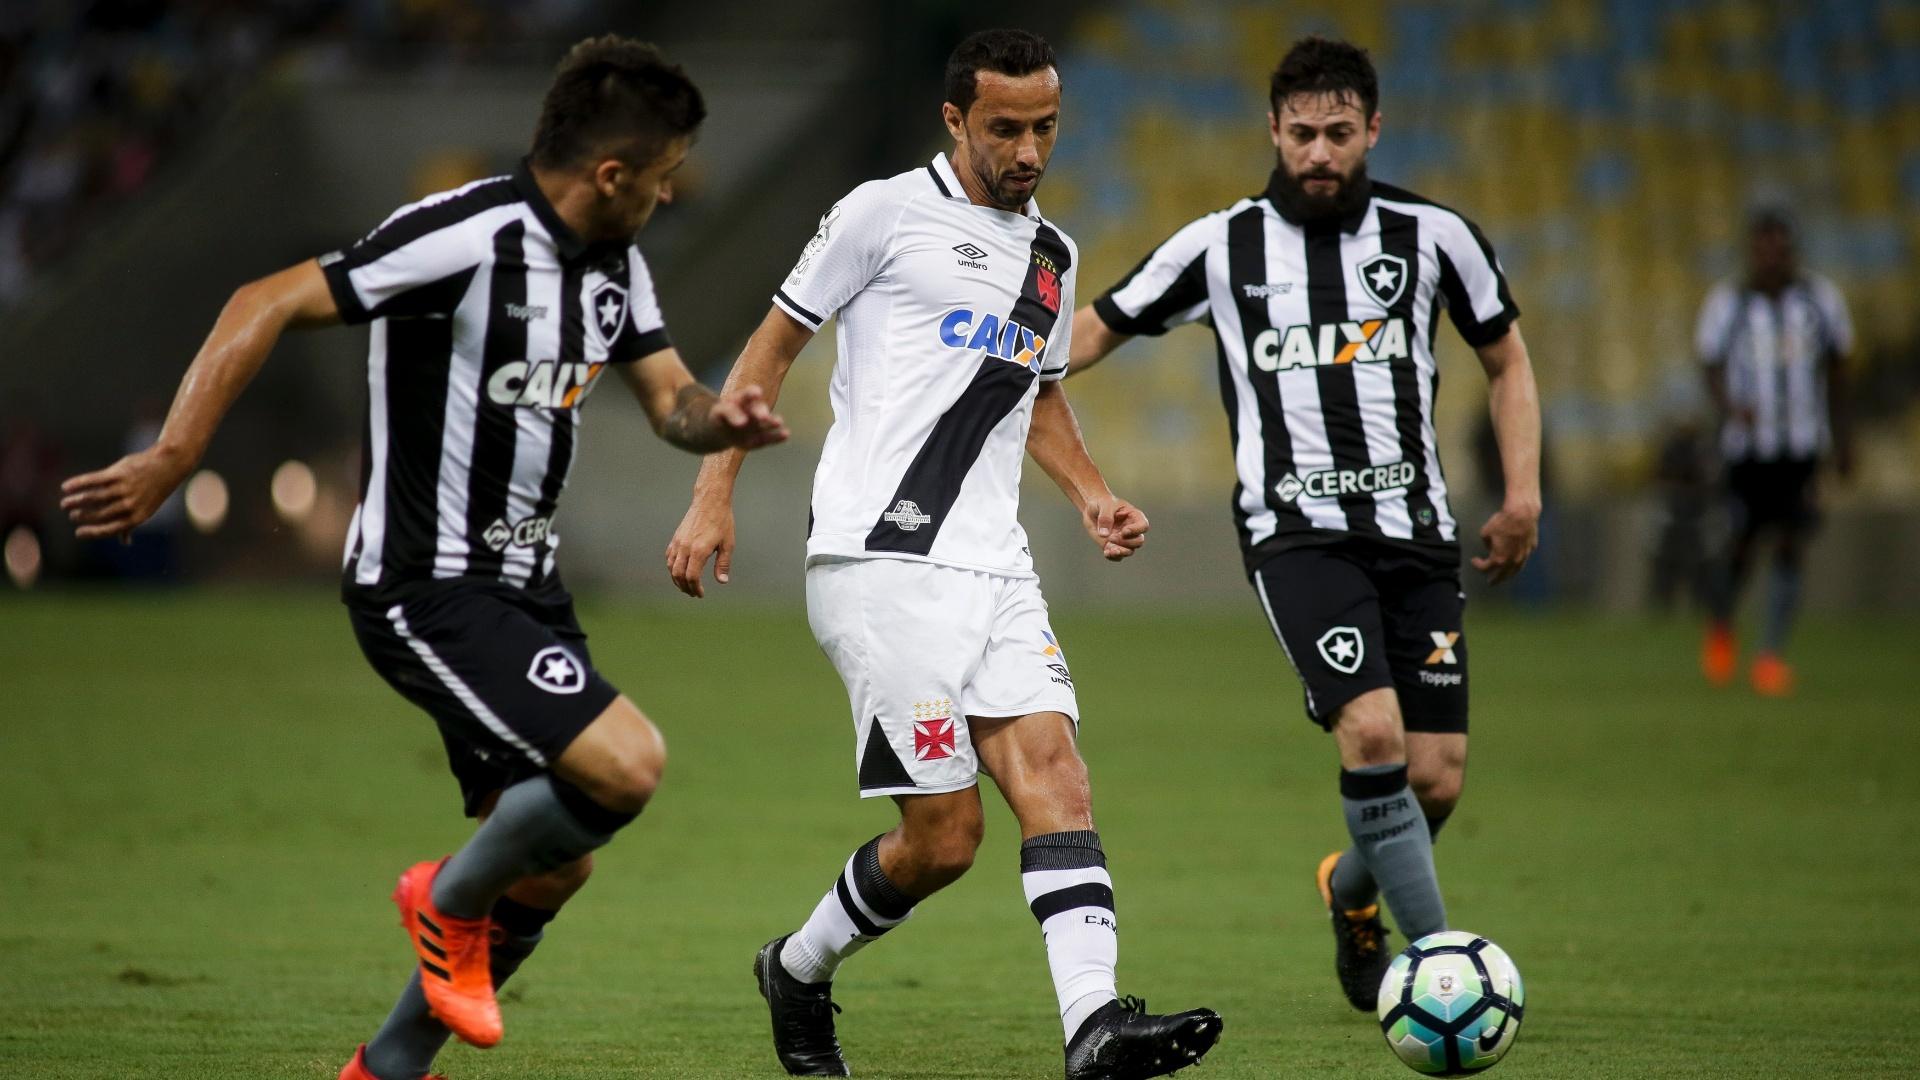 Nenê passa a bola e é observado por João Paulo durante jogo entre Vasco e Botafogo